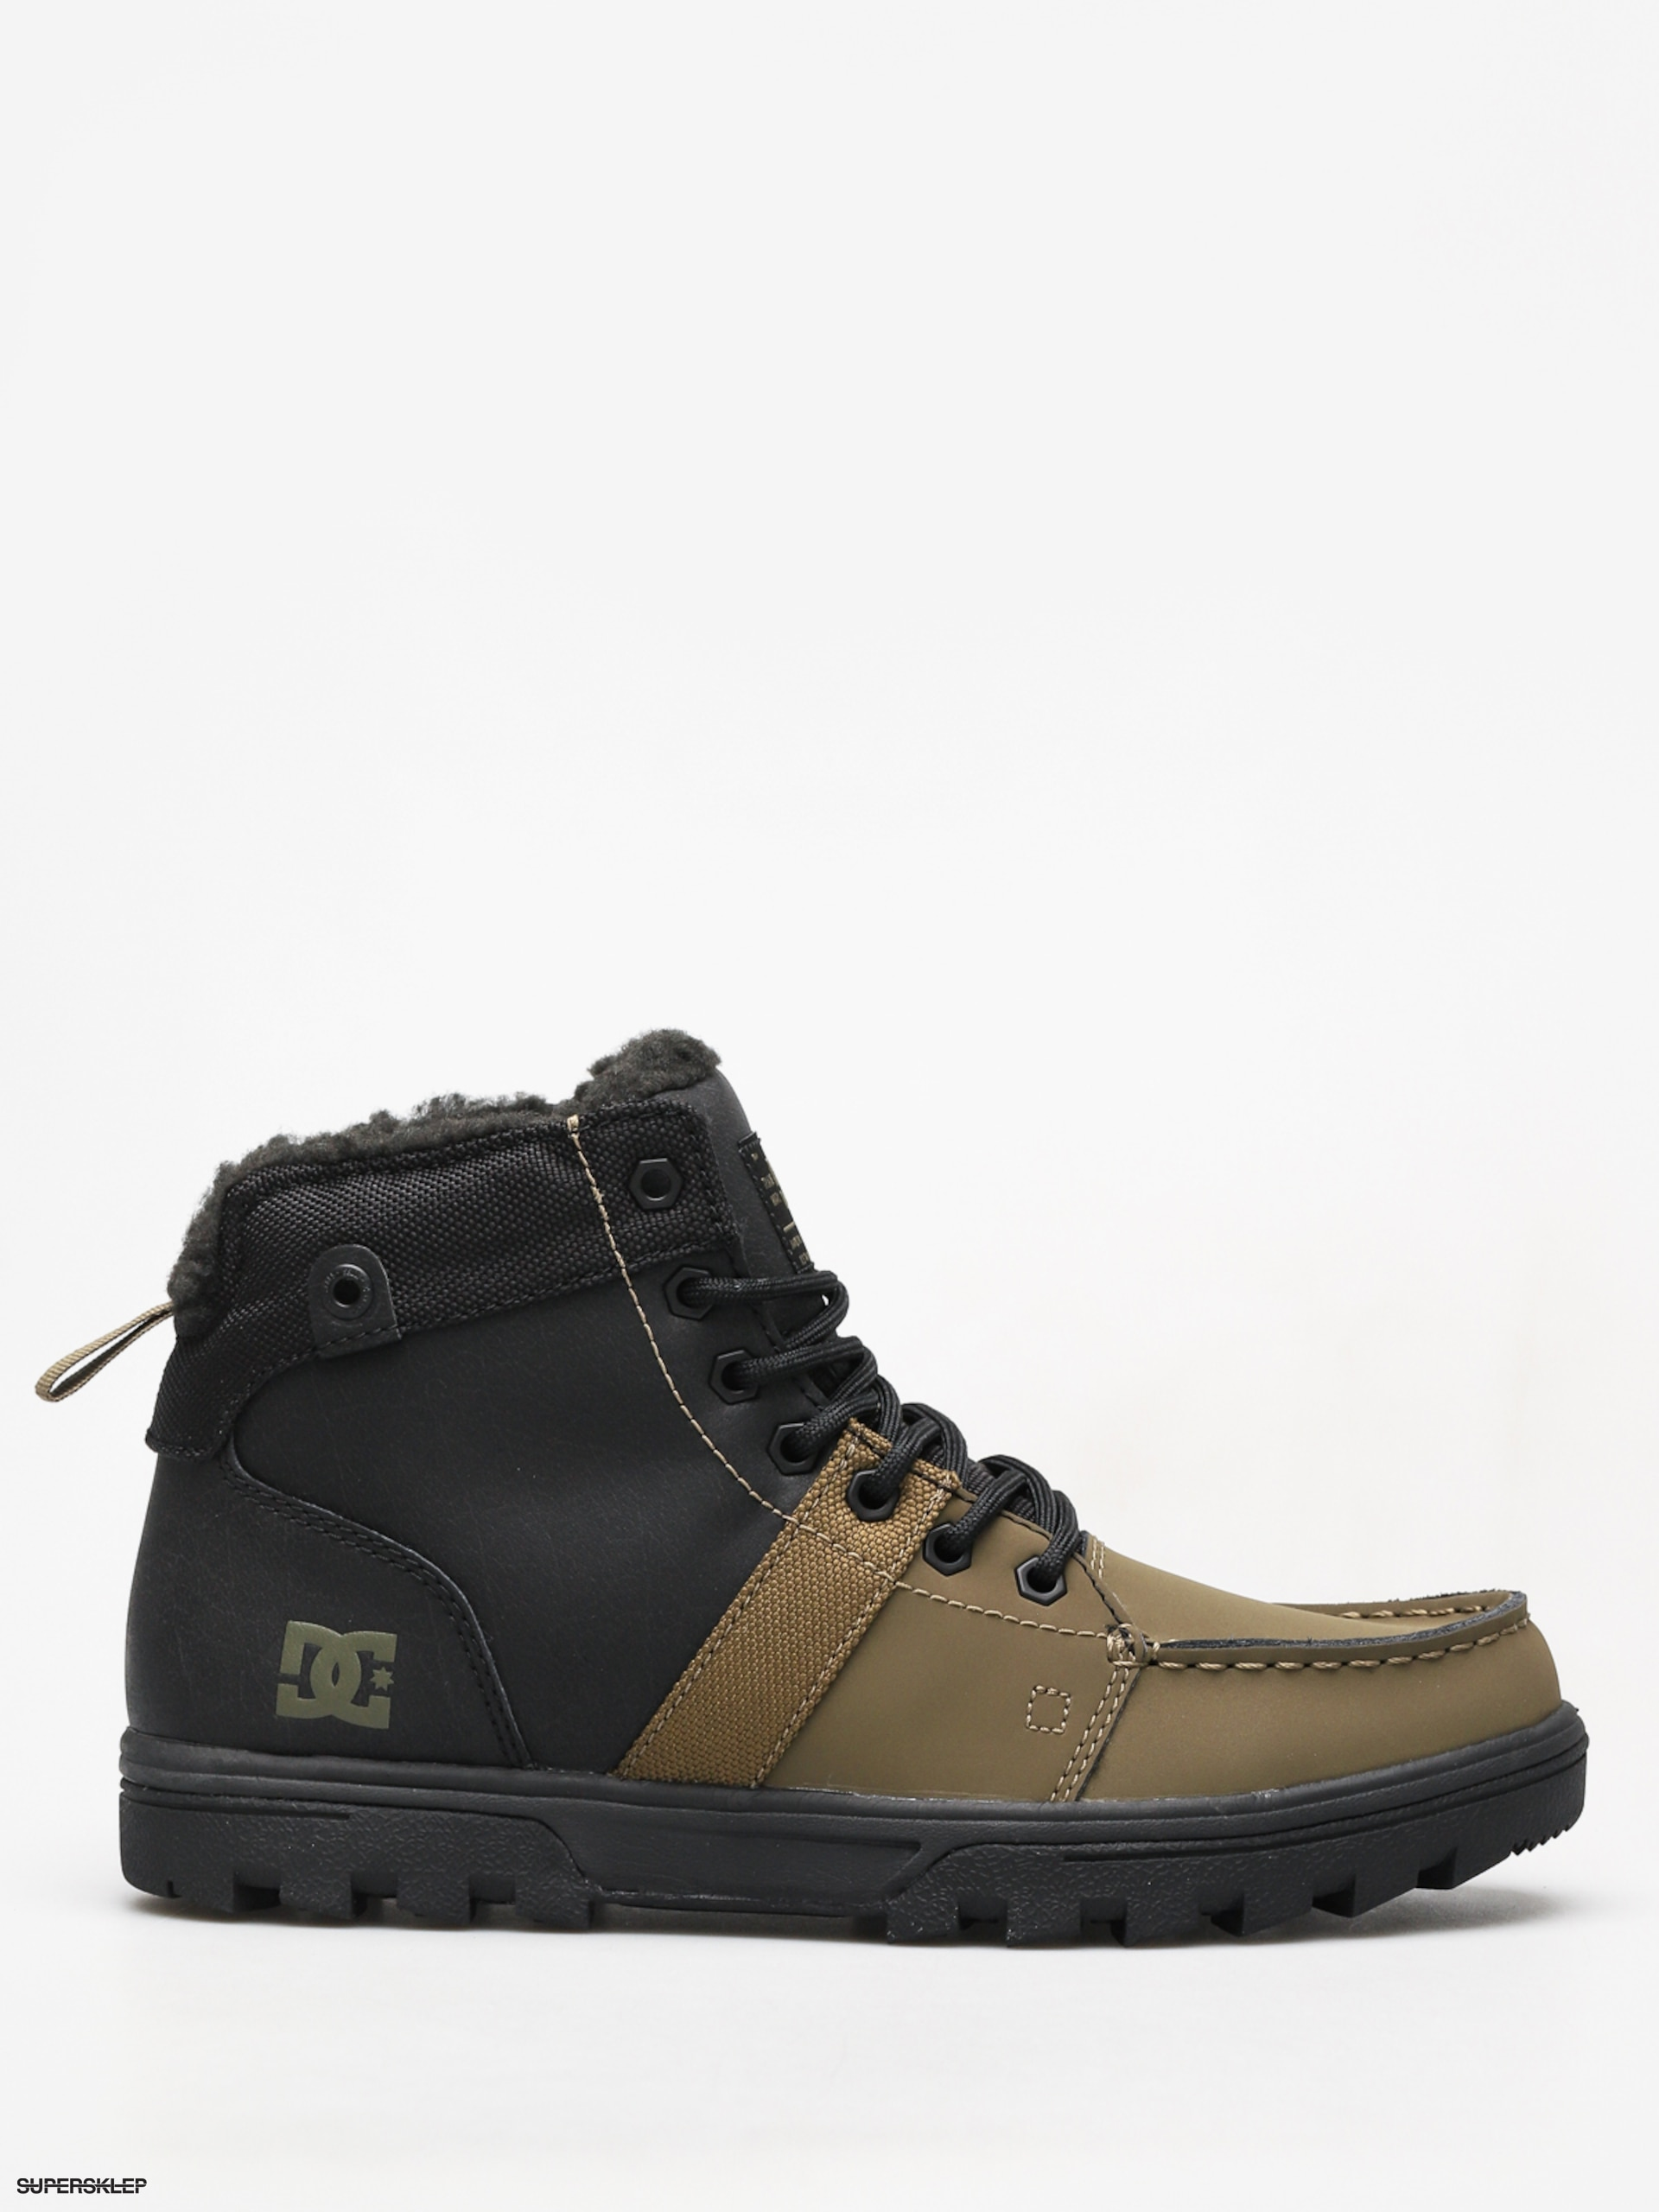 dc0e6e42d Zimné topánky DC Woodland (black/olive)